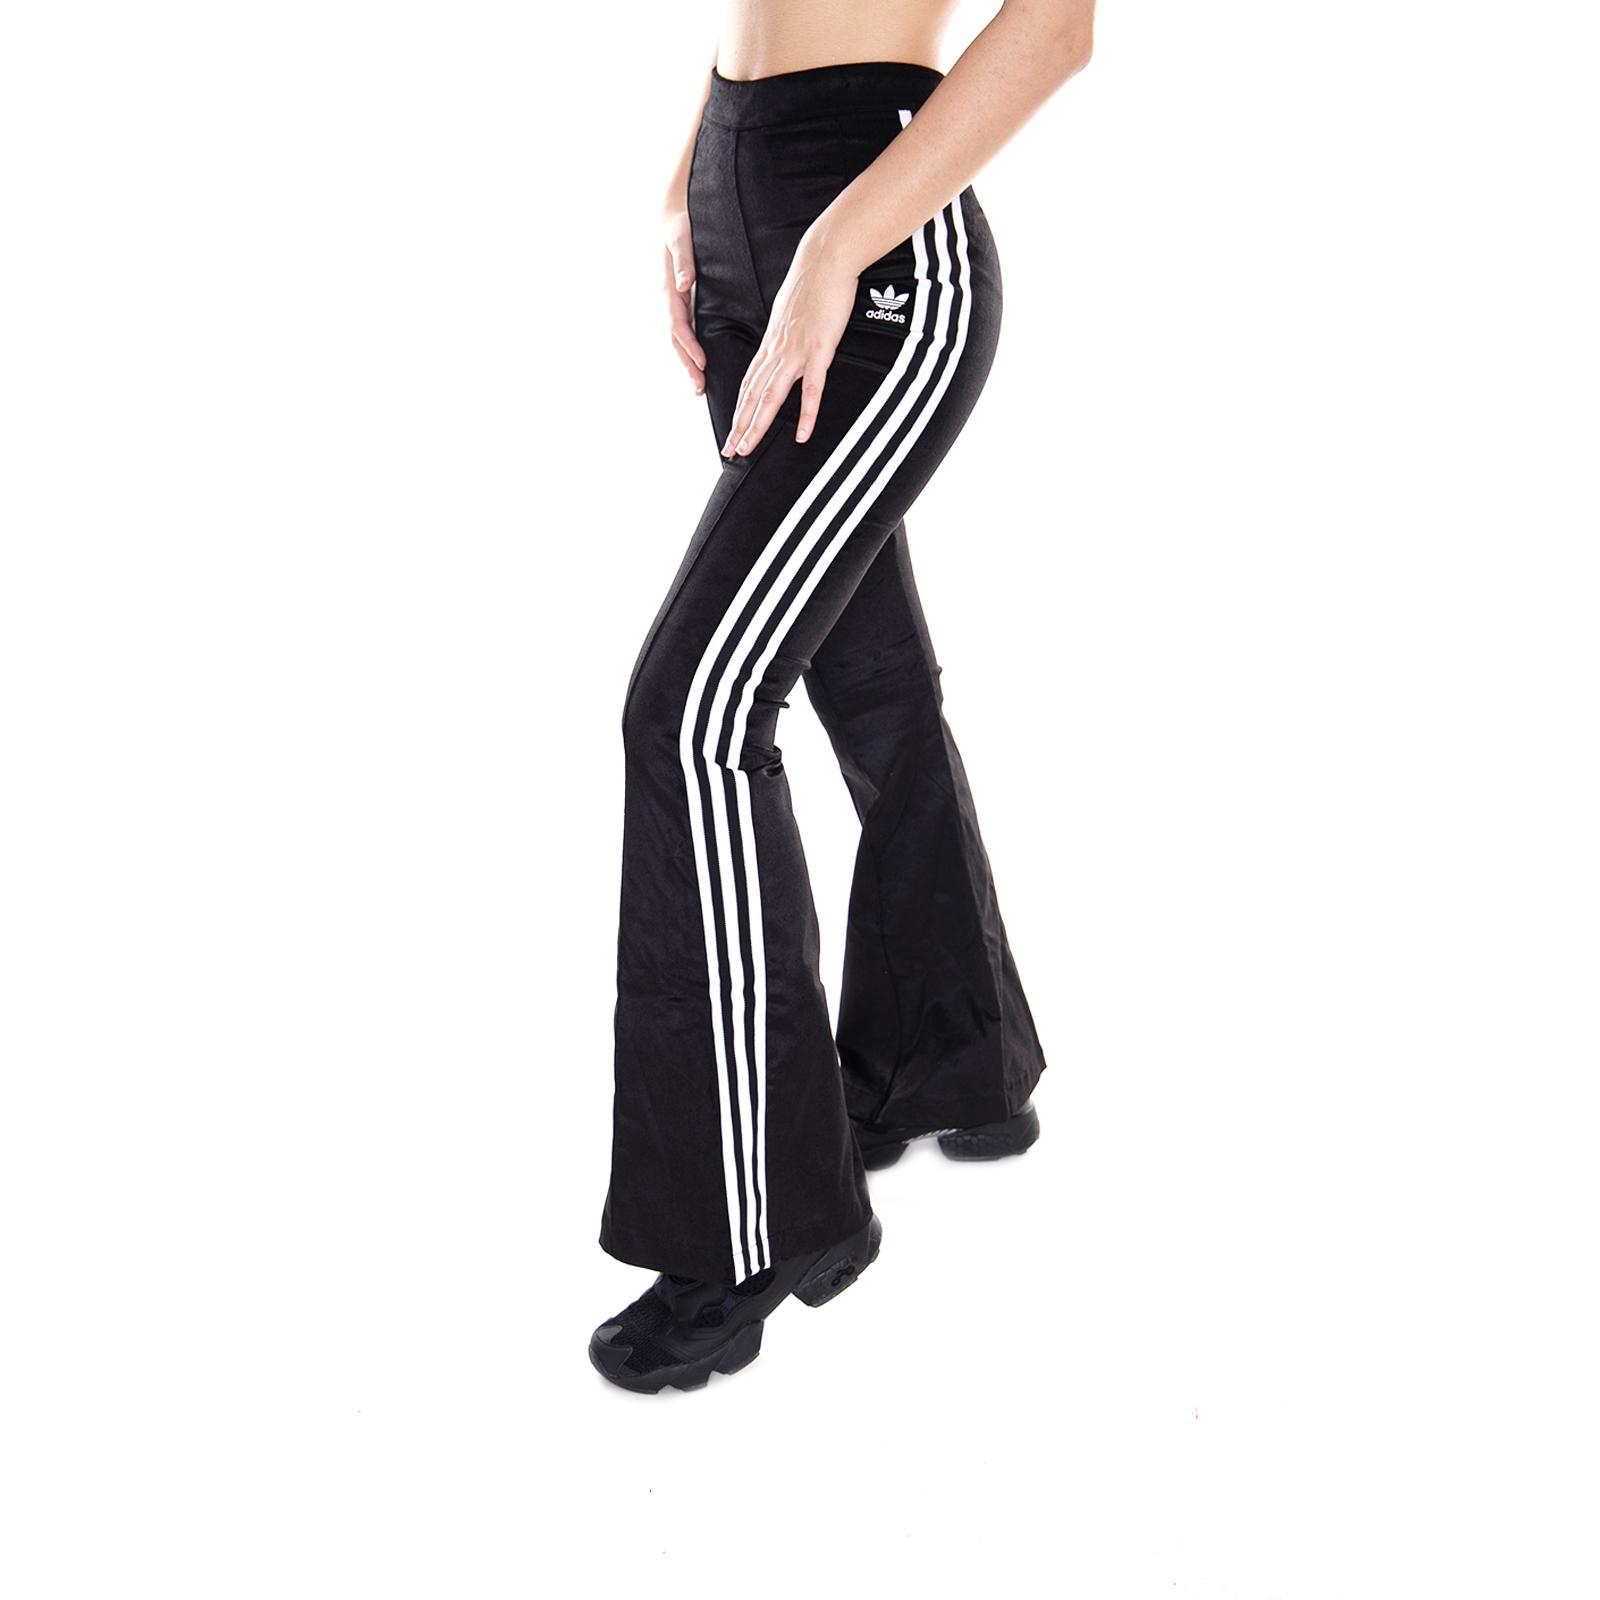 Negro Adidas Pantalones Detalles De Acampanado Black Tp PZkXOiu